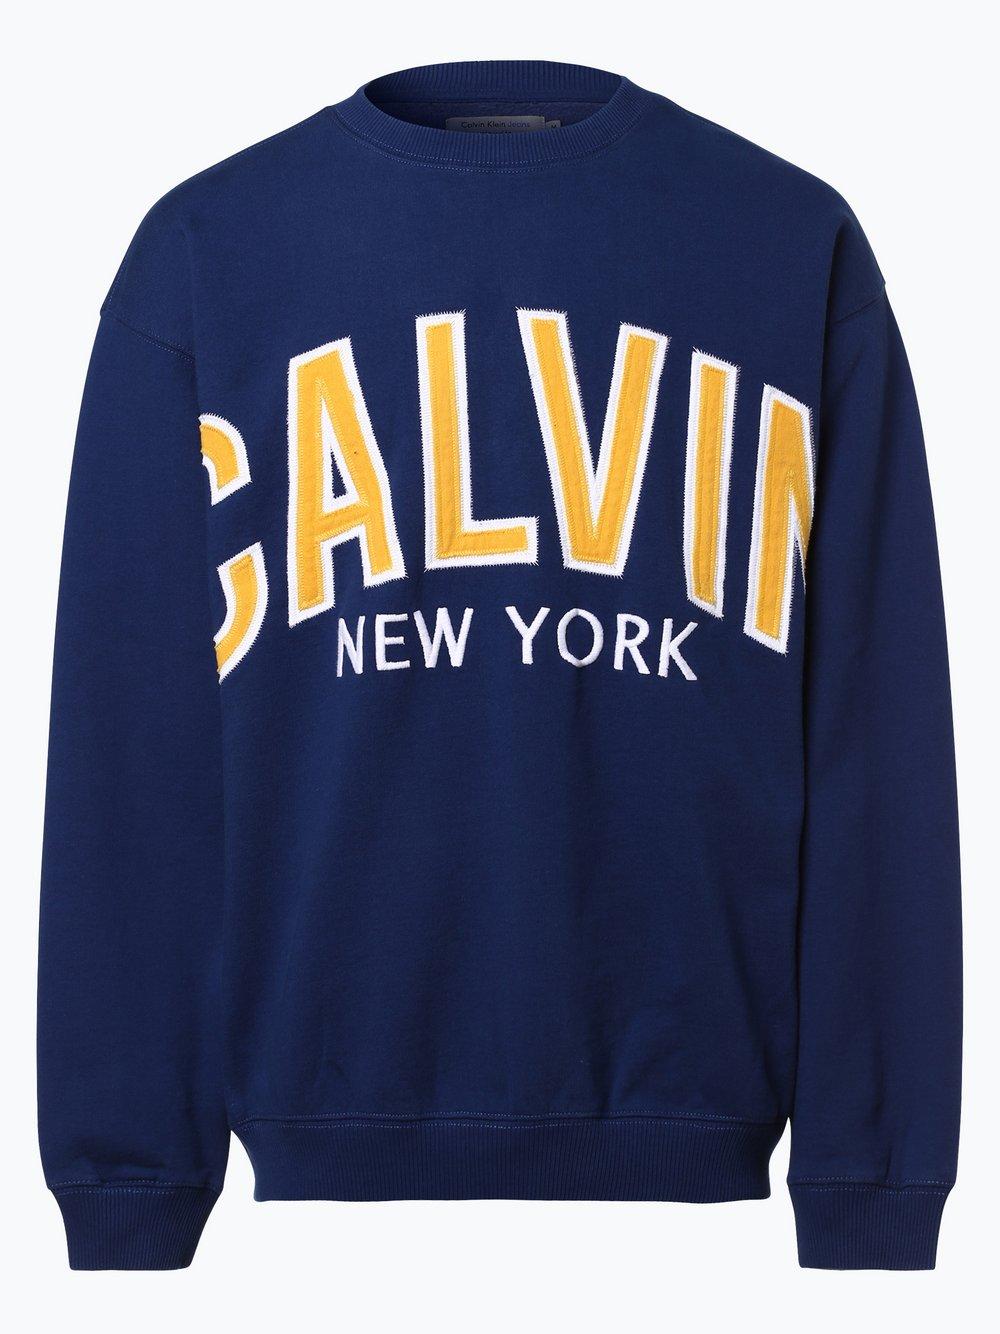 Calvin Klein Jeans Herren Sweatshirt online kaufen   PEEK